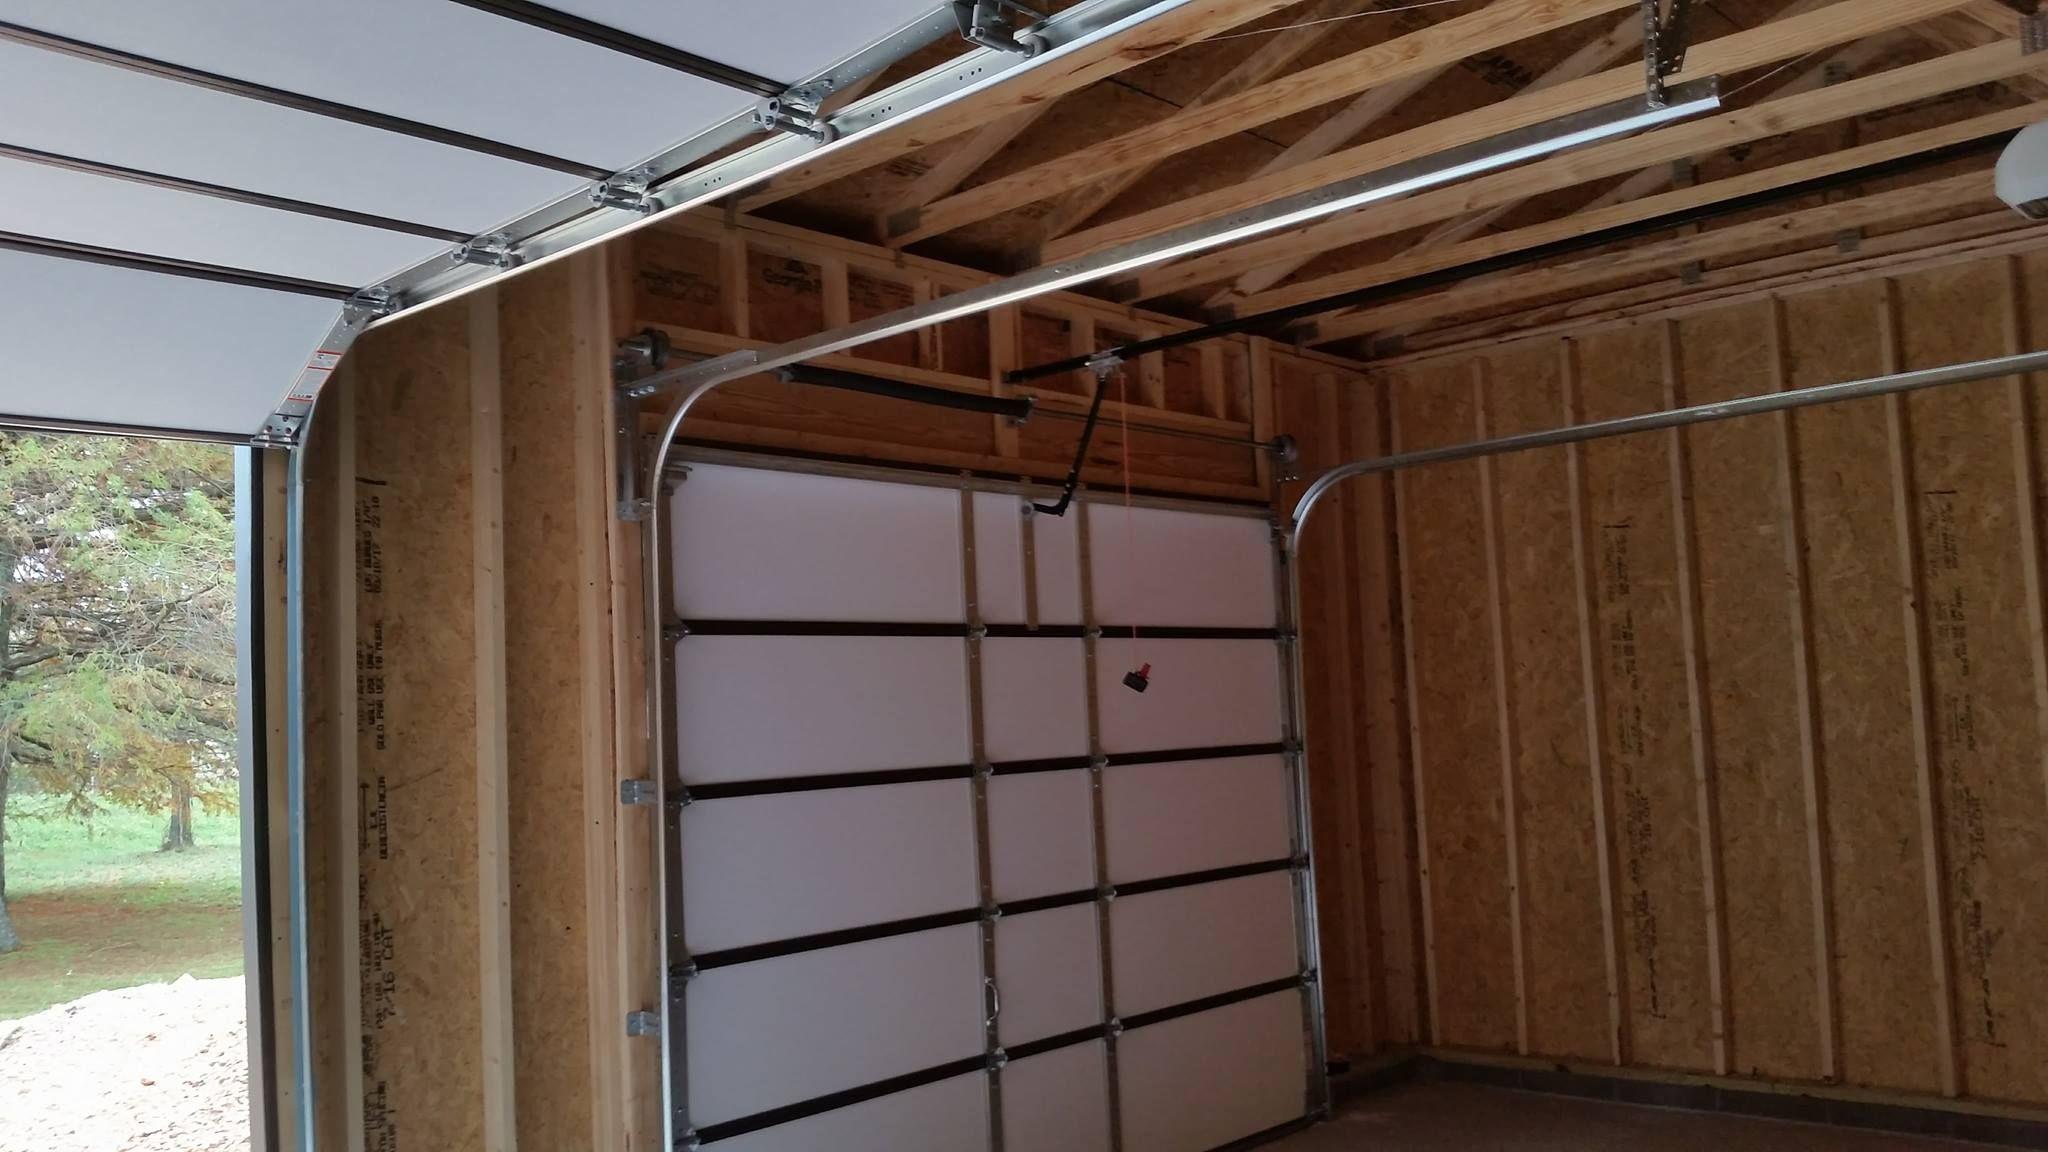 repair of overhead garage patio automatic door doors full glass size opener wooden